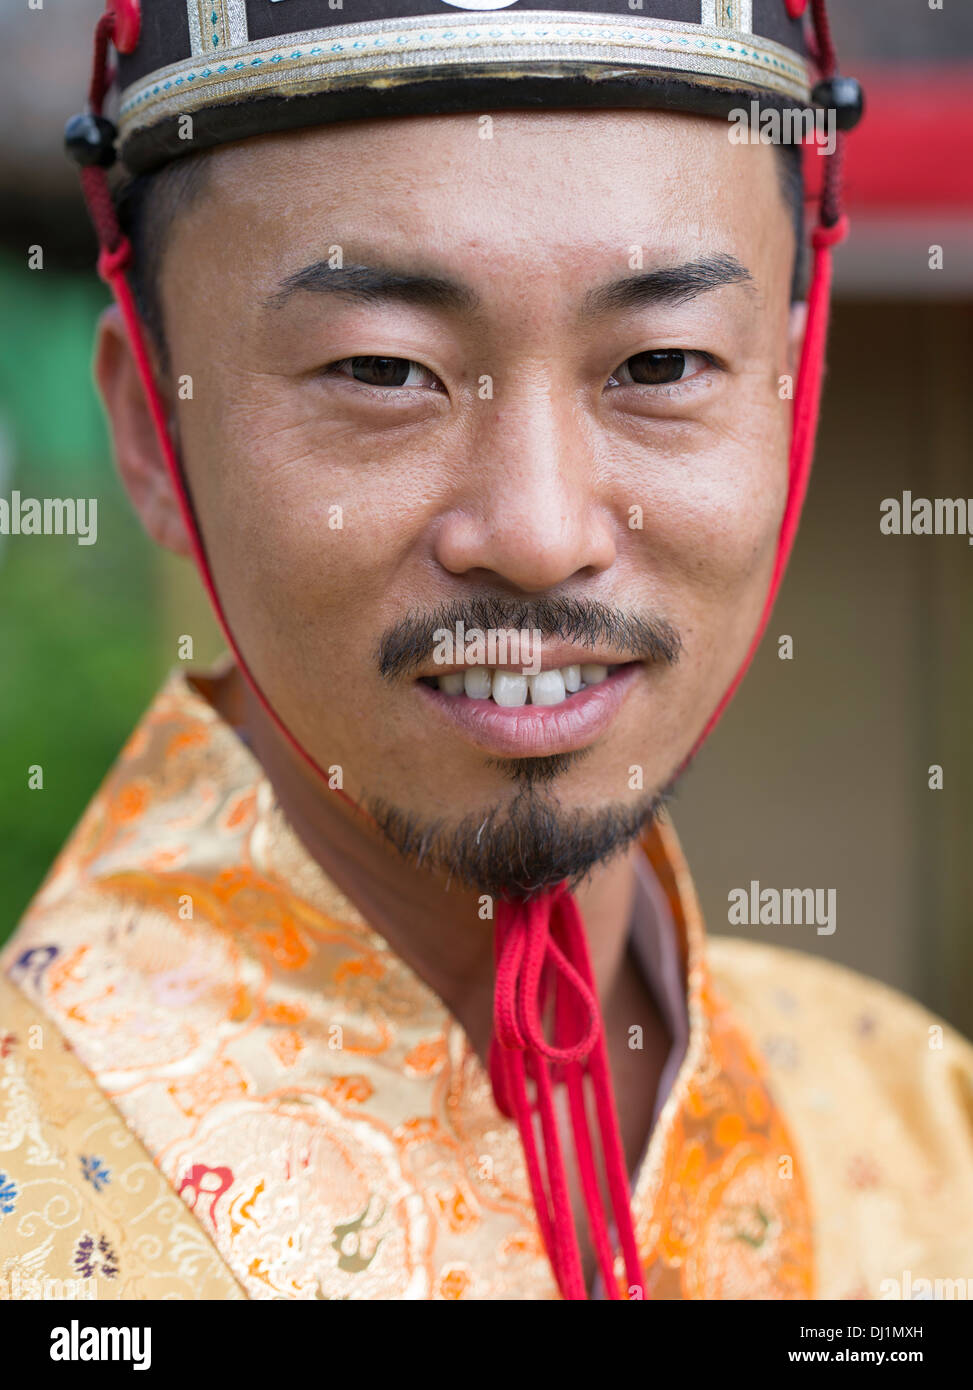 Uomo di Okinawa in costume tradizionale a Ryukyu Mura villaggio storico, Okinawa, in Giappone Immagini Stock